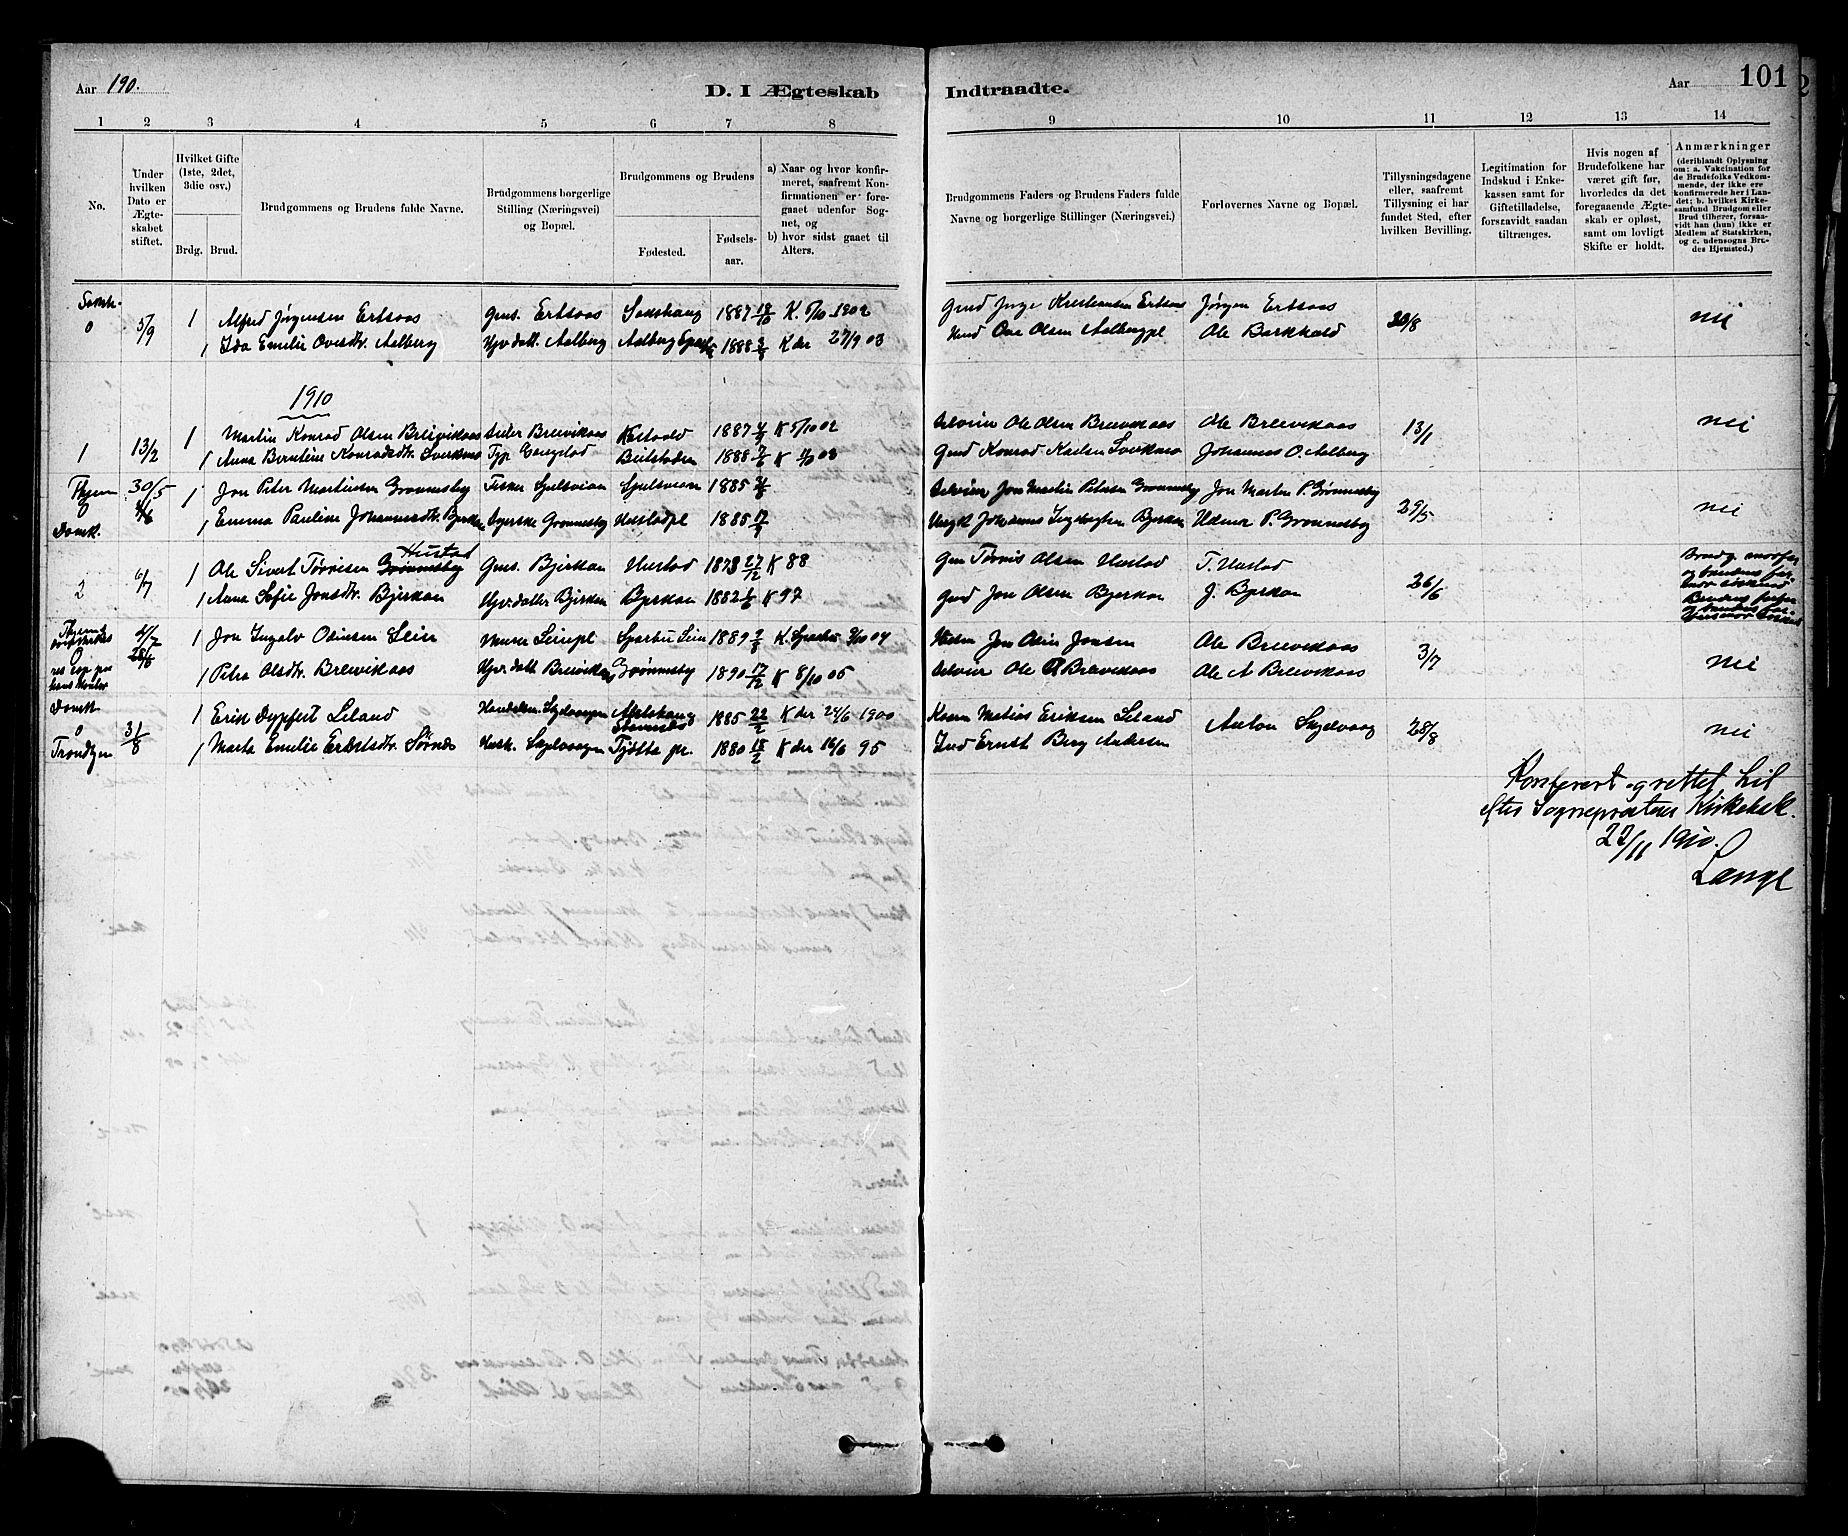 SAT, Ministerialprotokoller, klokkerbøker og fødselsregistre - Nord-Trøndelag, 732/L0318: Klokkerbok nr. 732C02, 1881-1911, s. 101